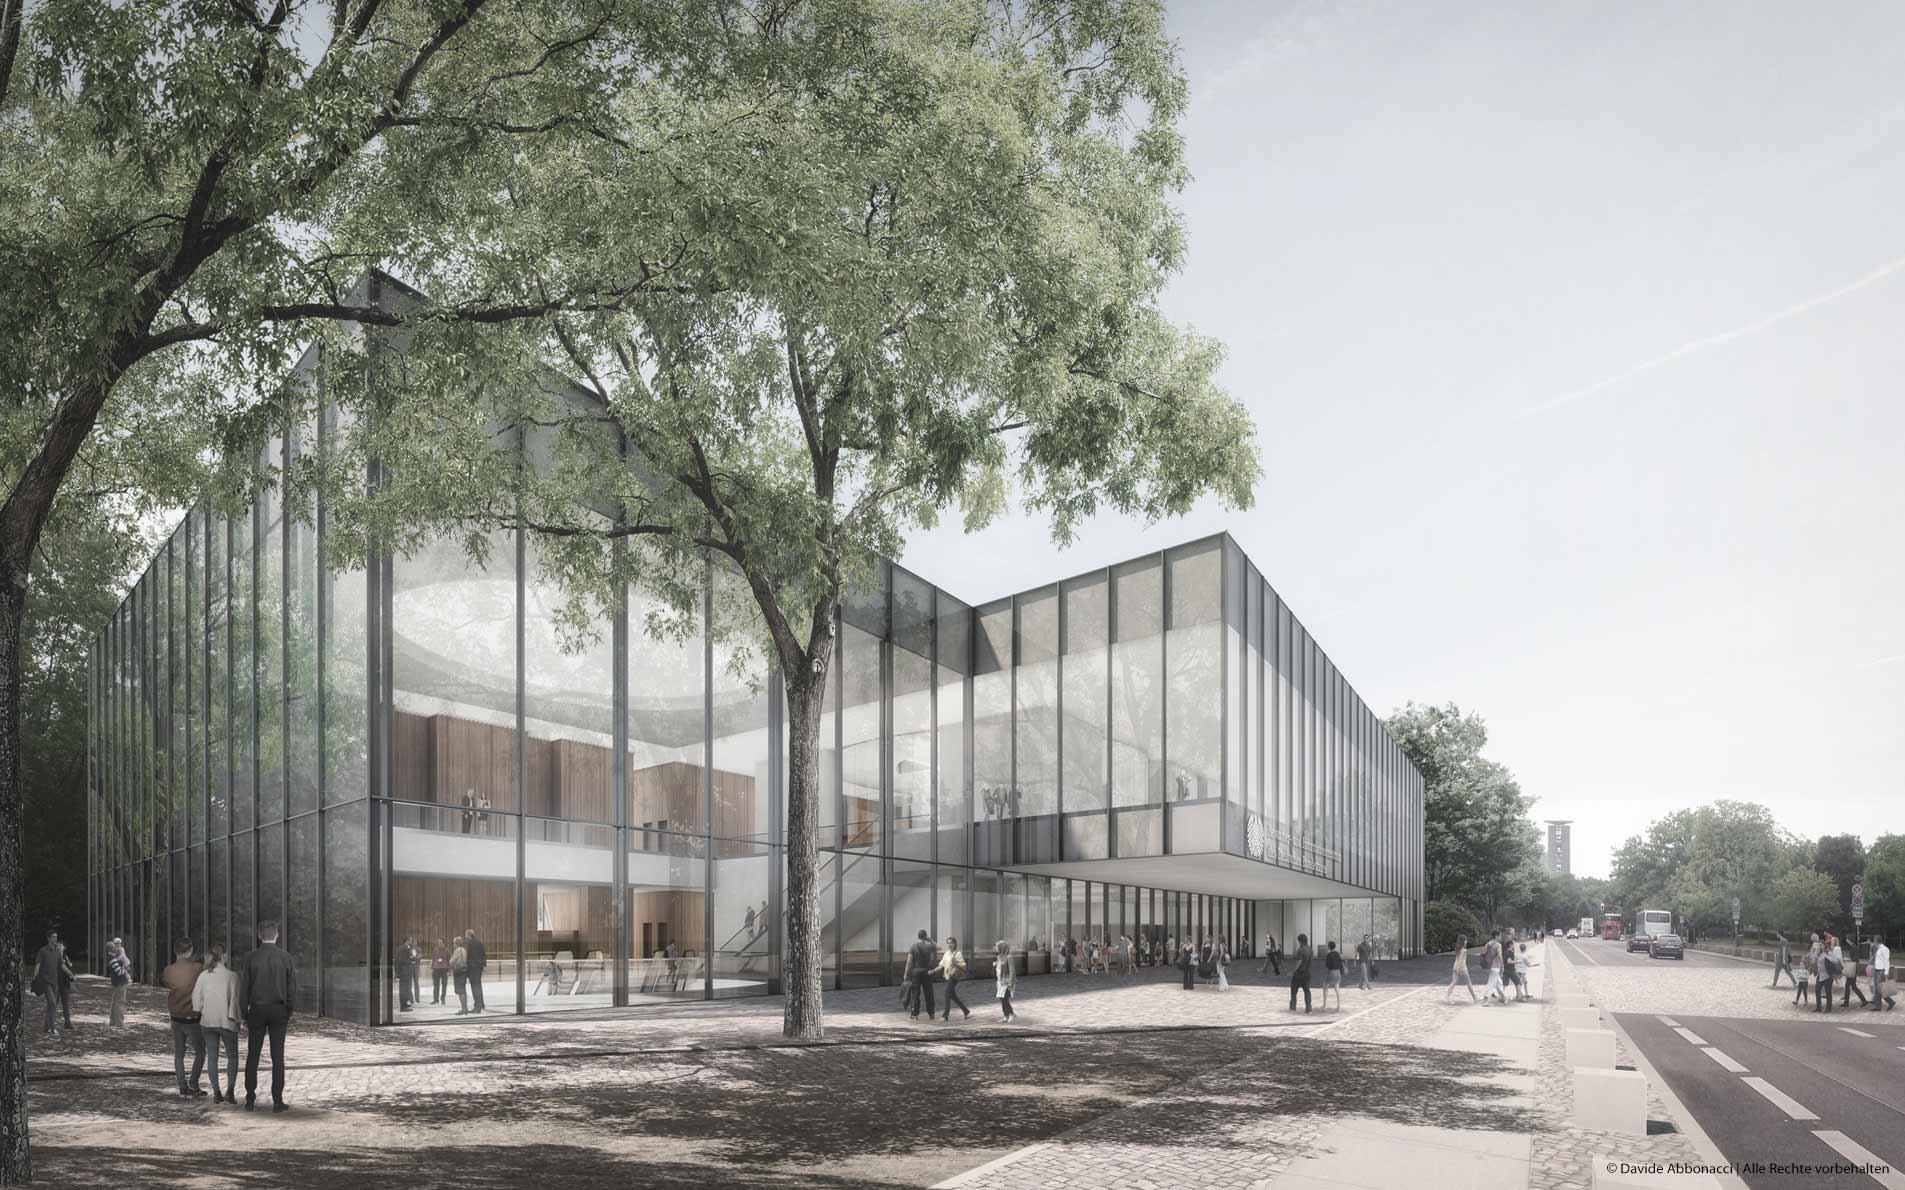 Besucher- und Informationszentrum des Deutschen Bundestages, Berlin   Weis & Volkmann Architekten   2016 Wettbewerbsvisualisierung